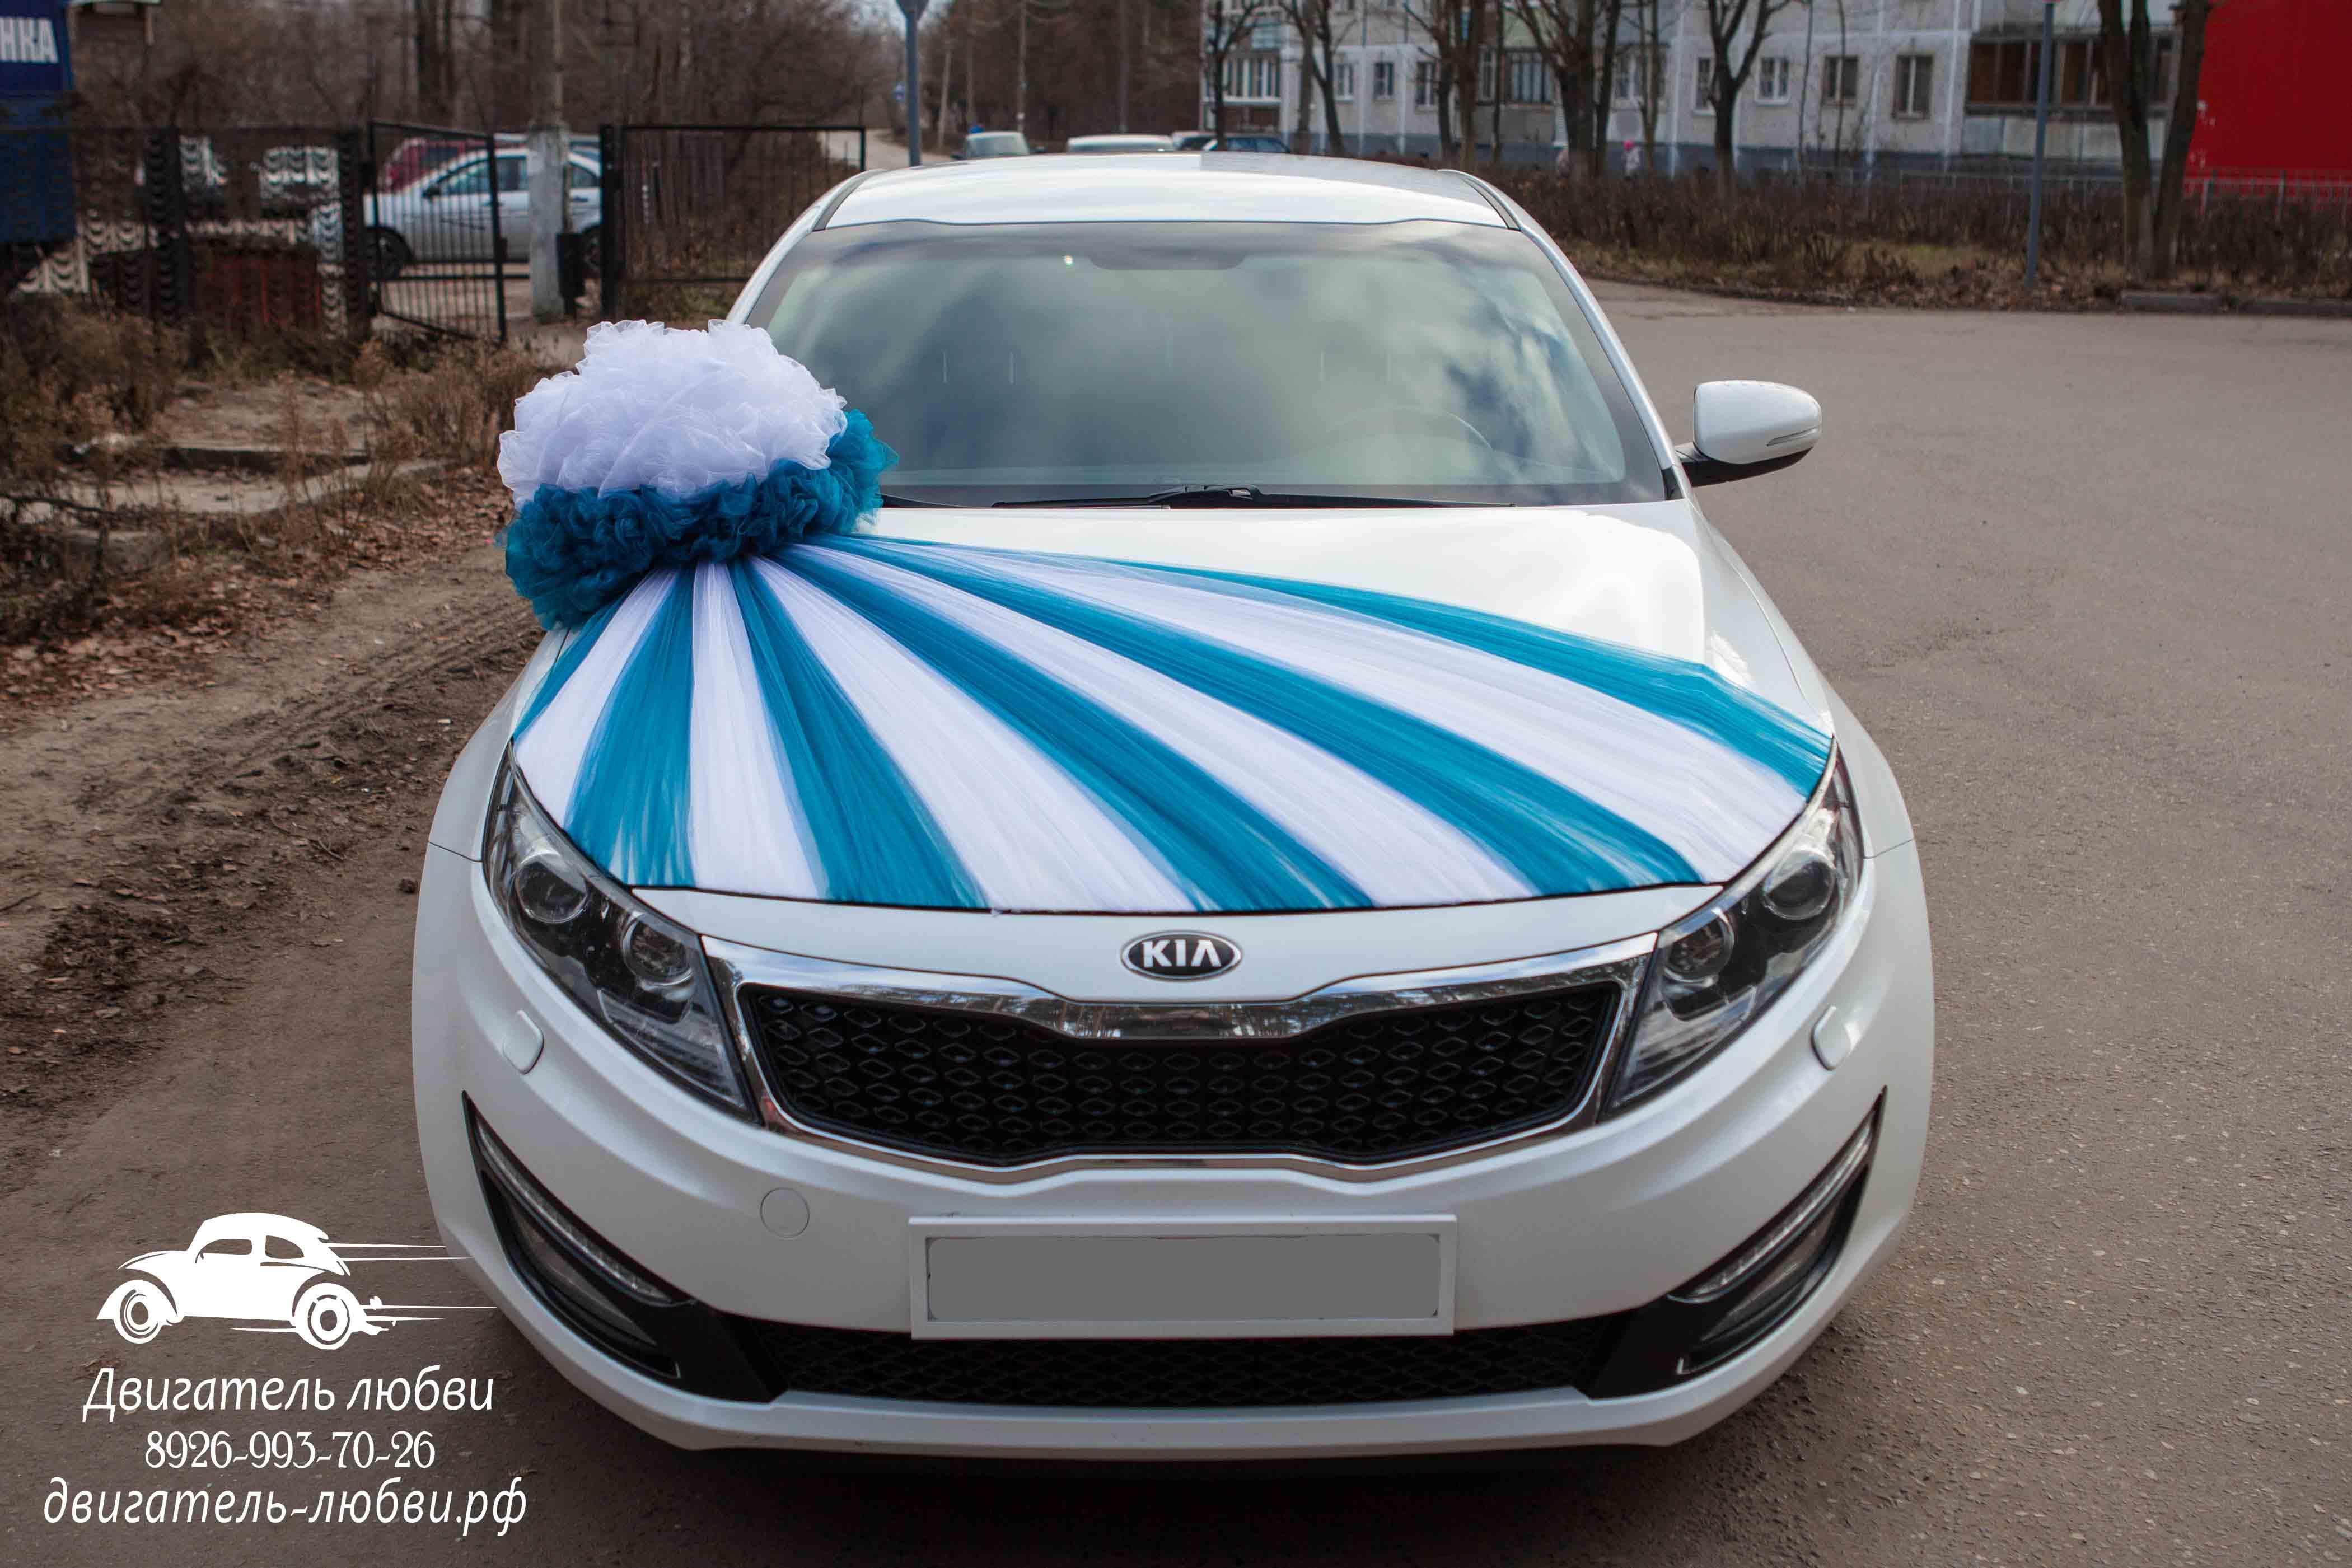 Свадебное украшение на машину из фатина своими руками